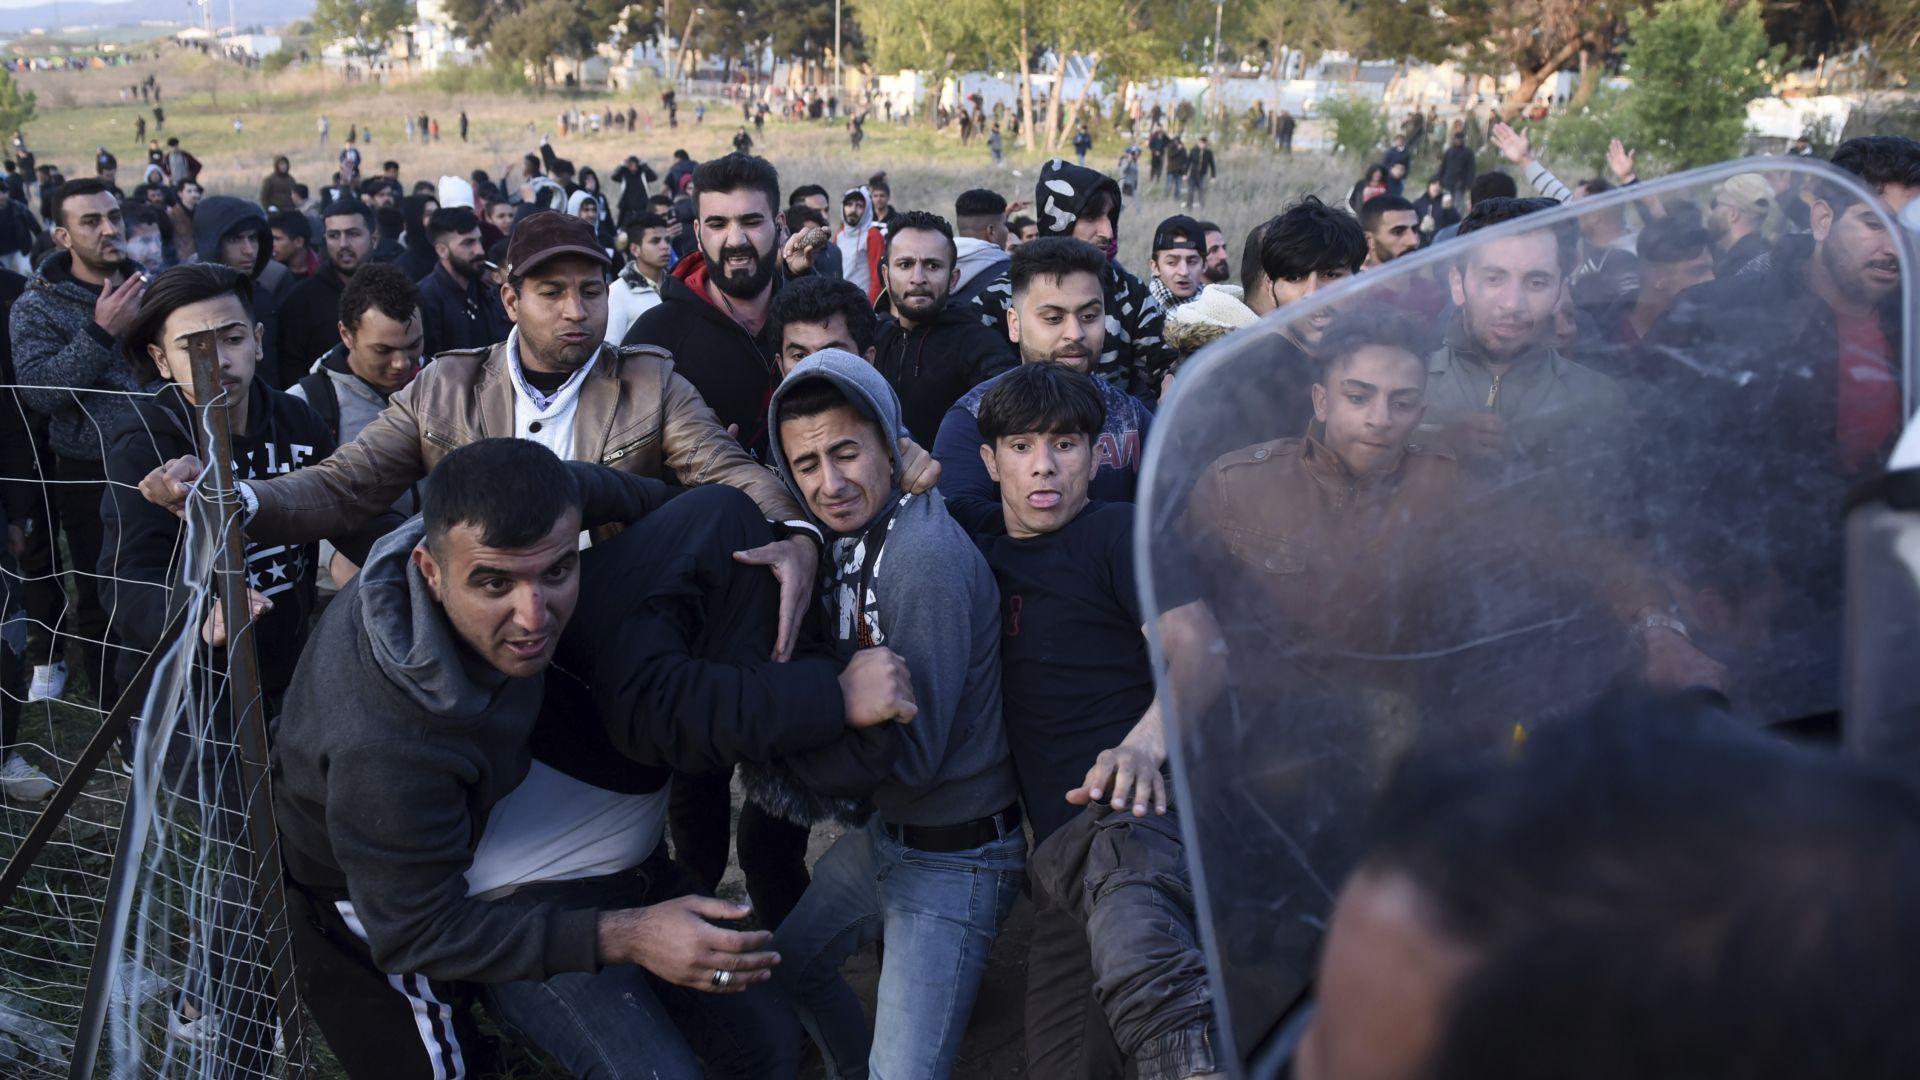 Над 1000 бежанци напуснаха лагер край Солун и пробиват на север